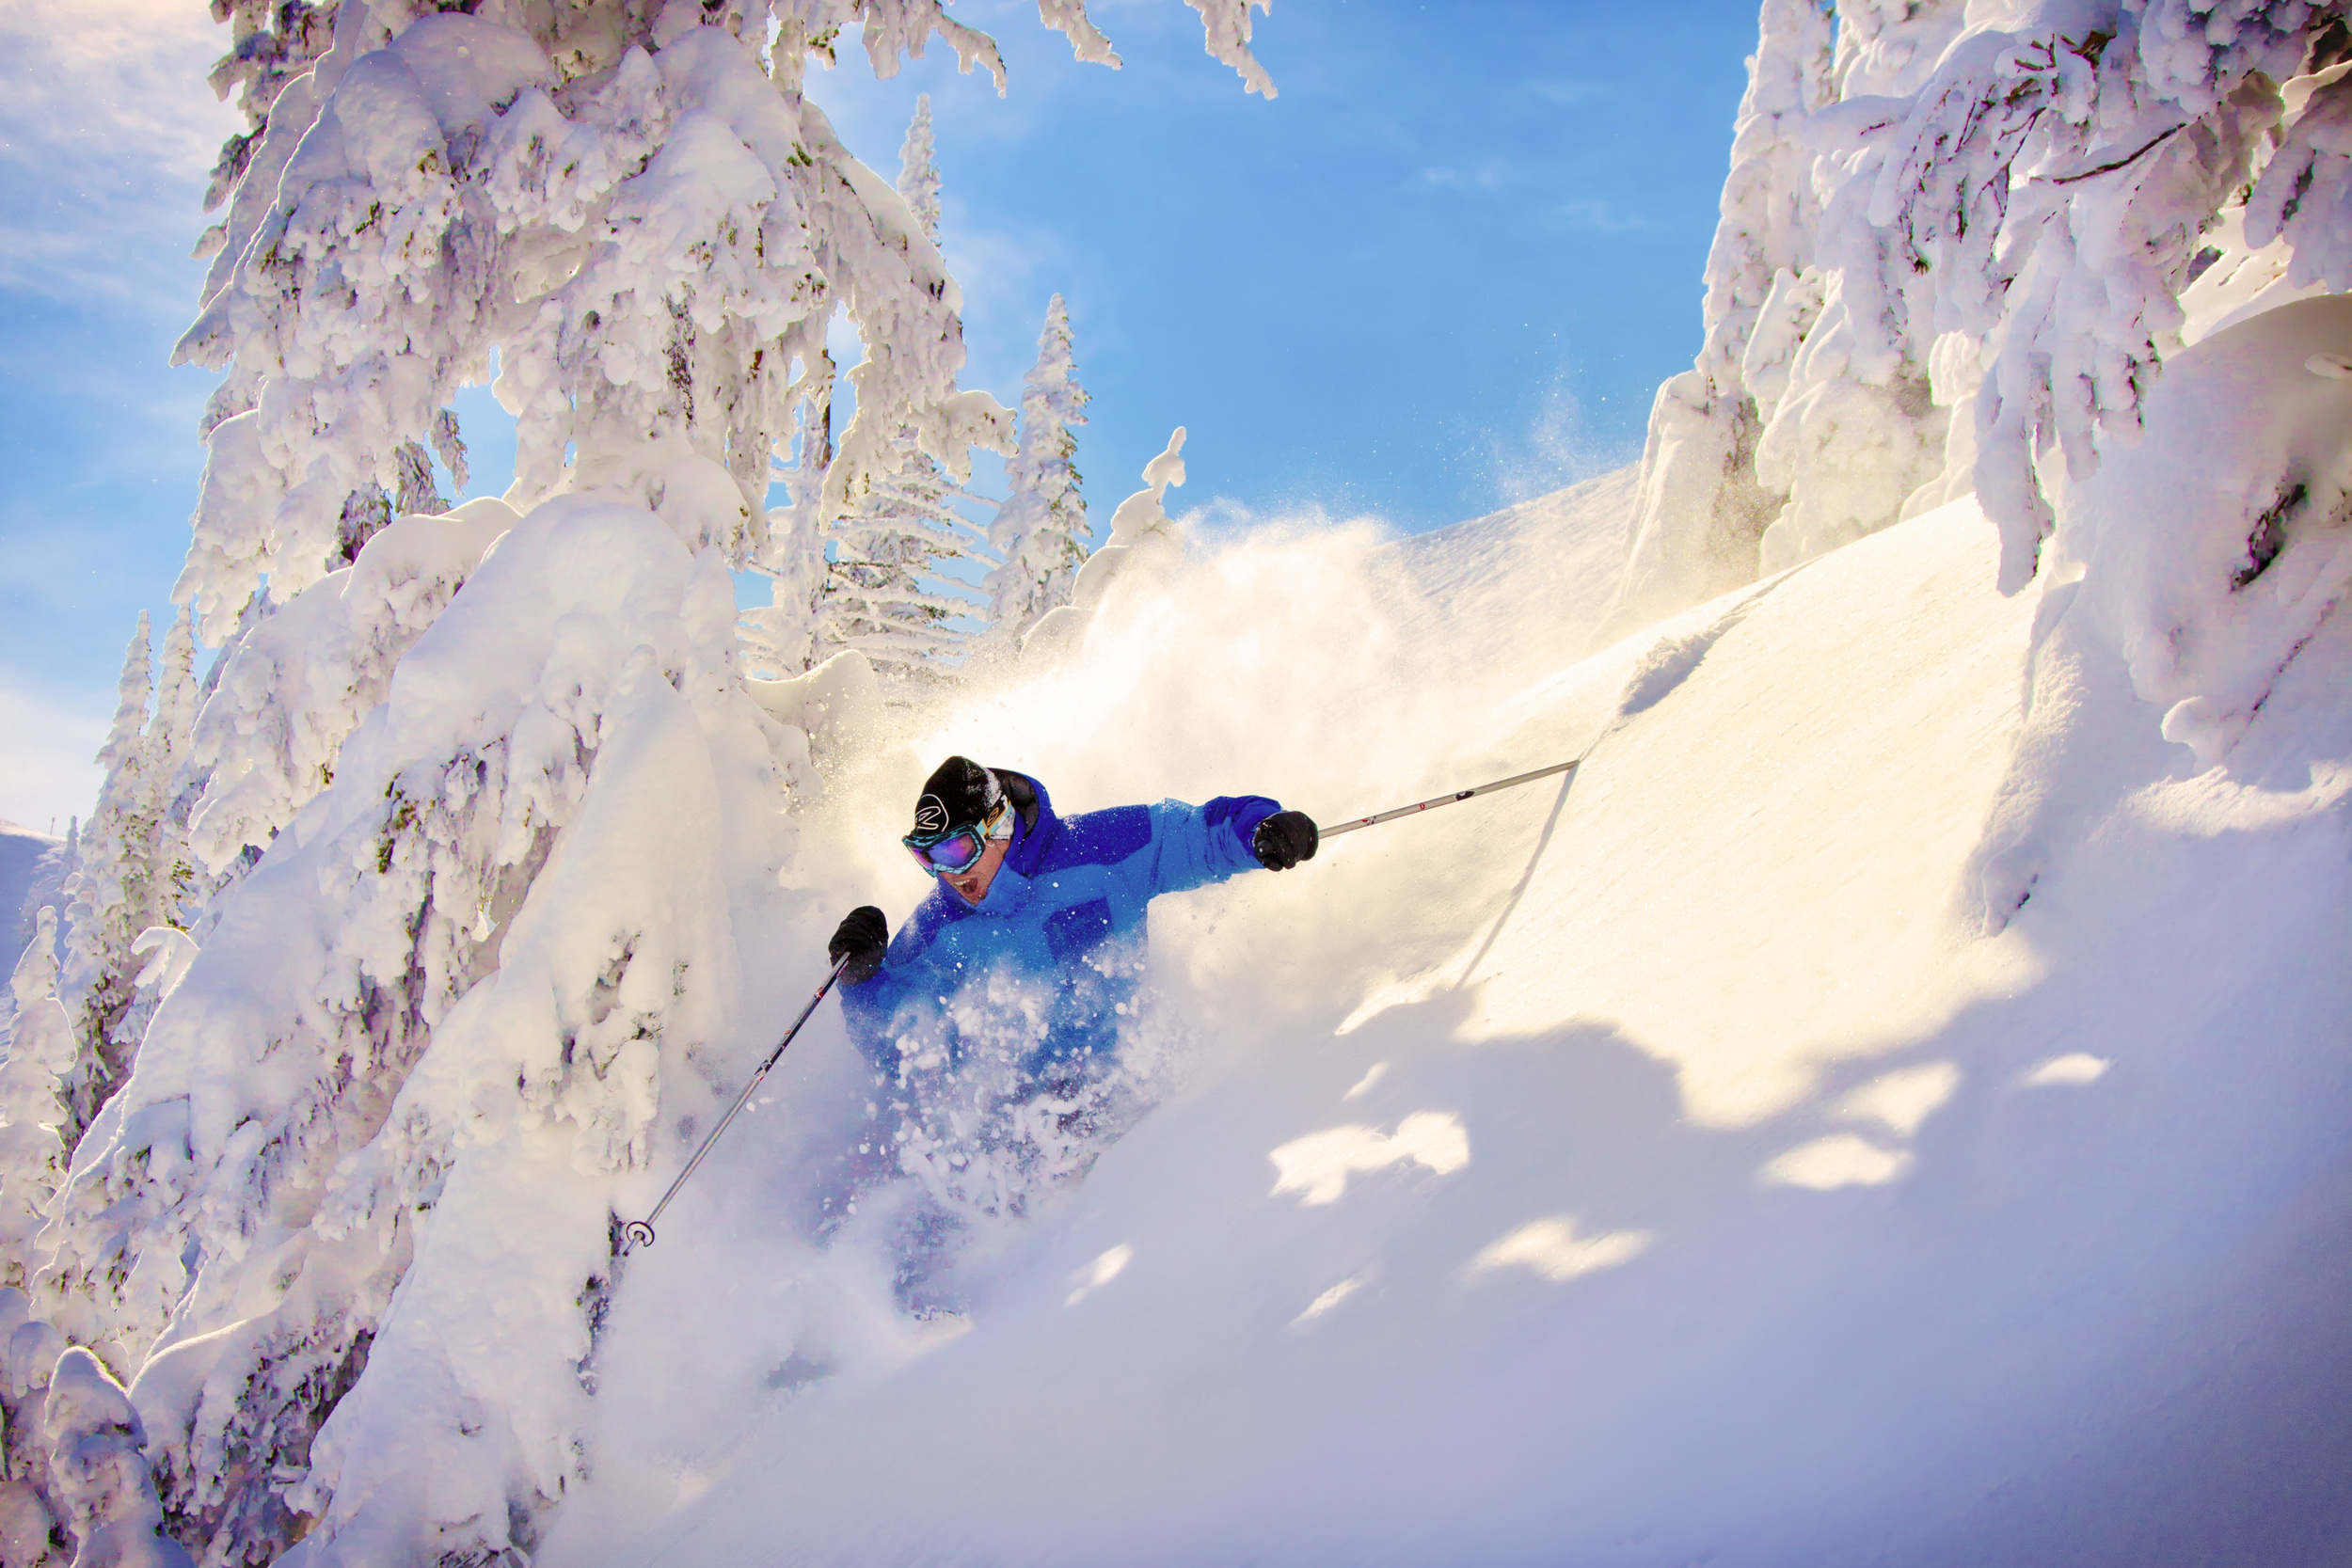 Blake Skiing Powder